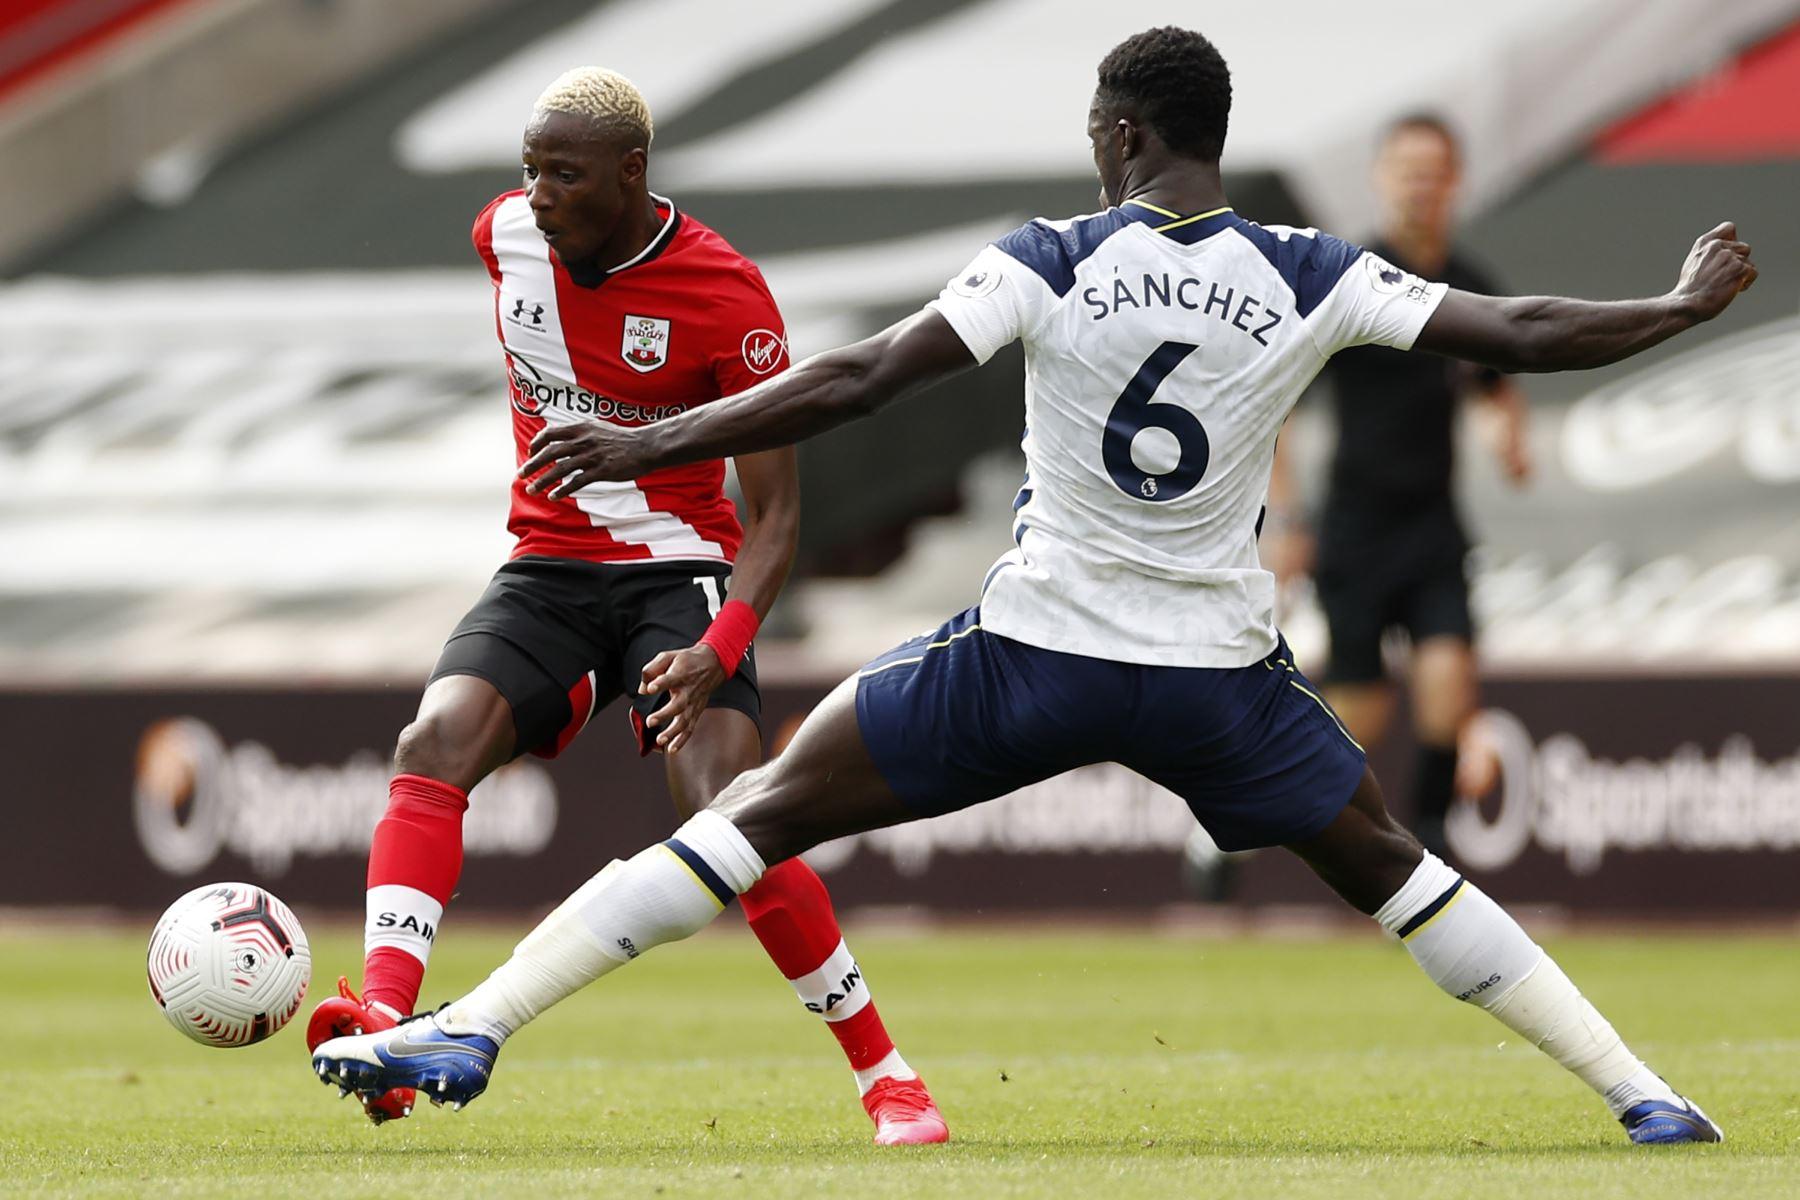 El mediocampista de Southampton, Moussa Djenepo, compite con el defensor del Tottenham Hotspur, Davinson Sanchez, durante el partido de fútbol de la Premier League. Foto: AFP